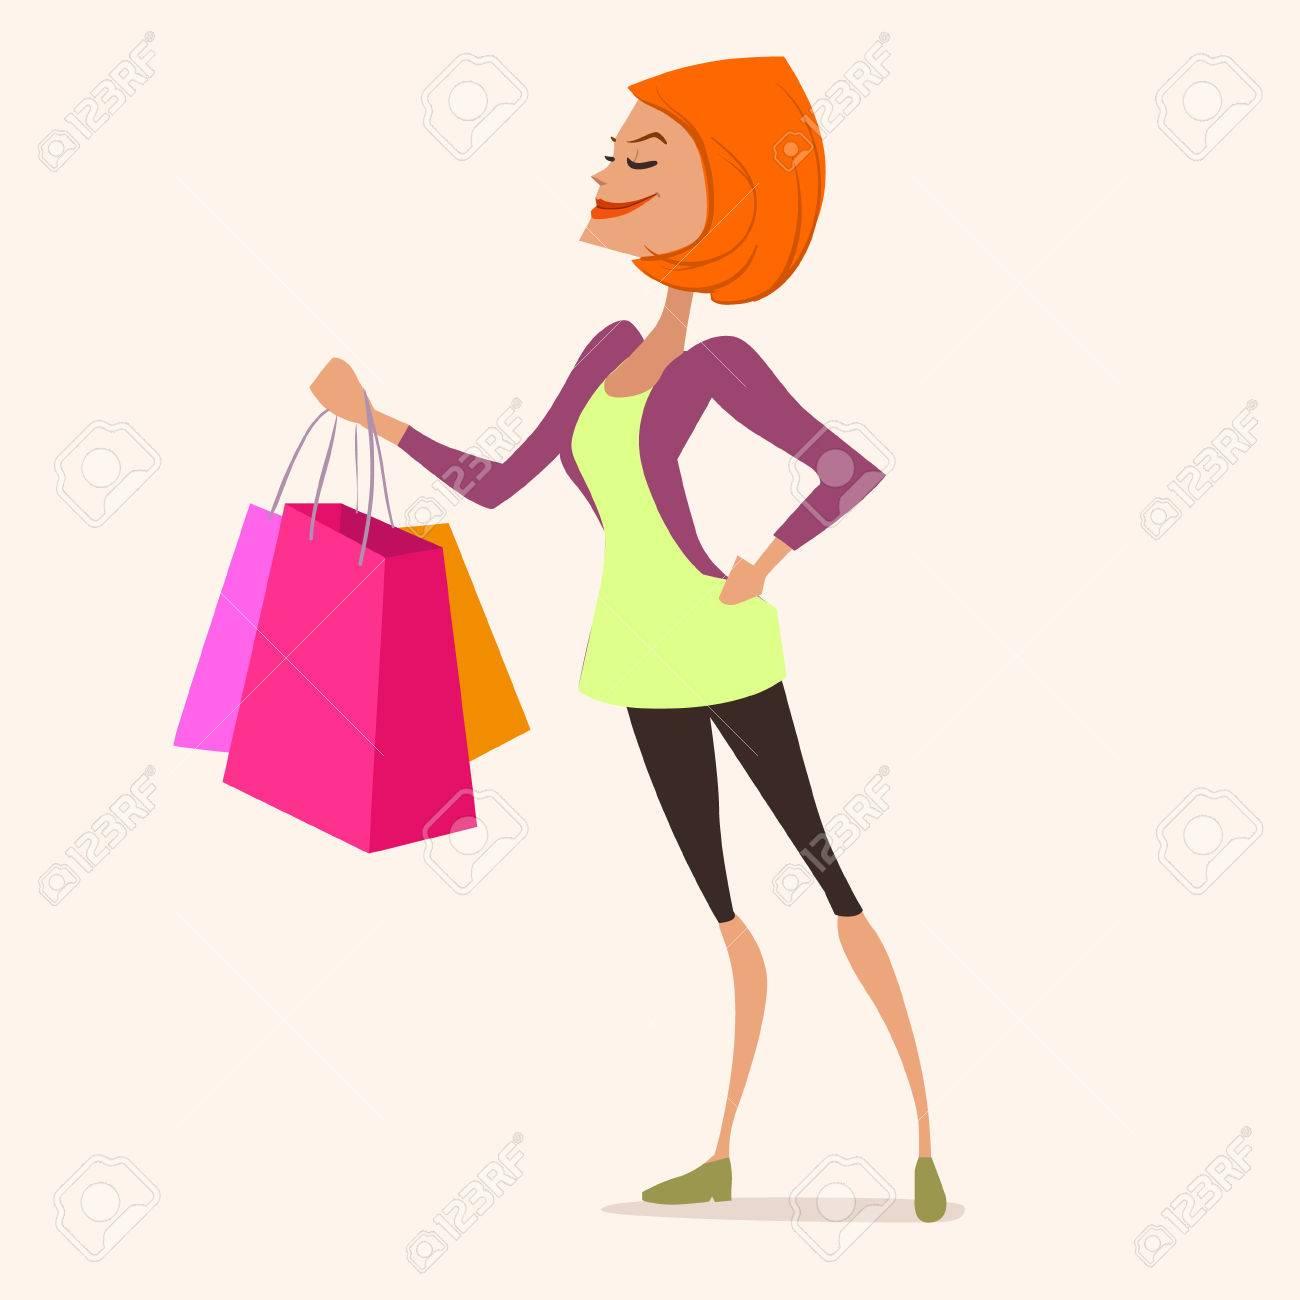 かわいい若いおしゃれな女性のショッピング バッグ 販売 漫画のキャラクター ベクトル イラストのイラスト素材 ベクタ Image